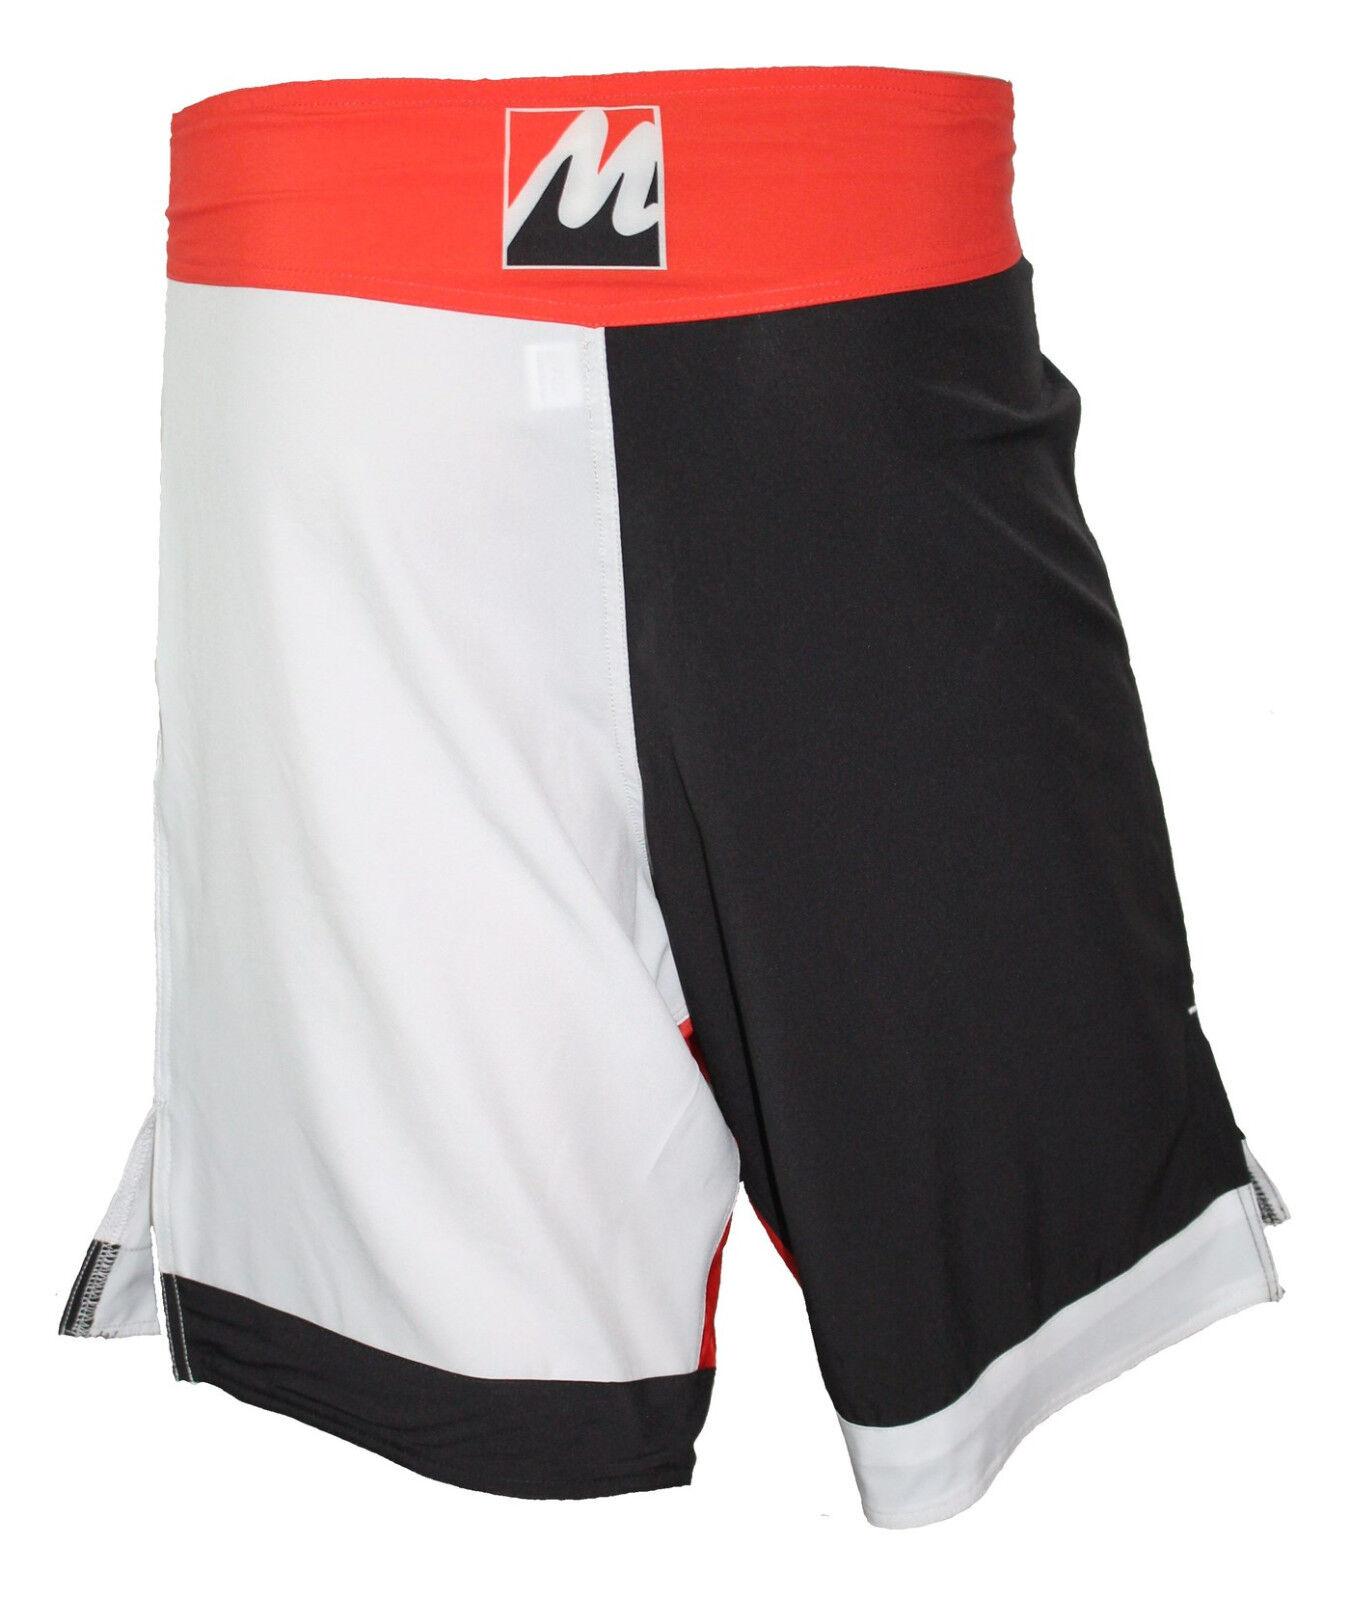 Top Ten- MMA-Shorts  Manus . S-XL. Fexz Fexz Fexz Polyester. Kickboxen. MMA. Grappling. c0414a